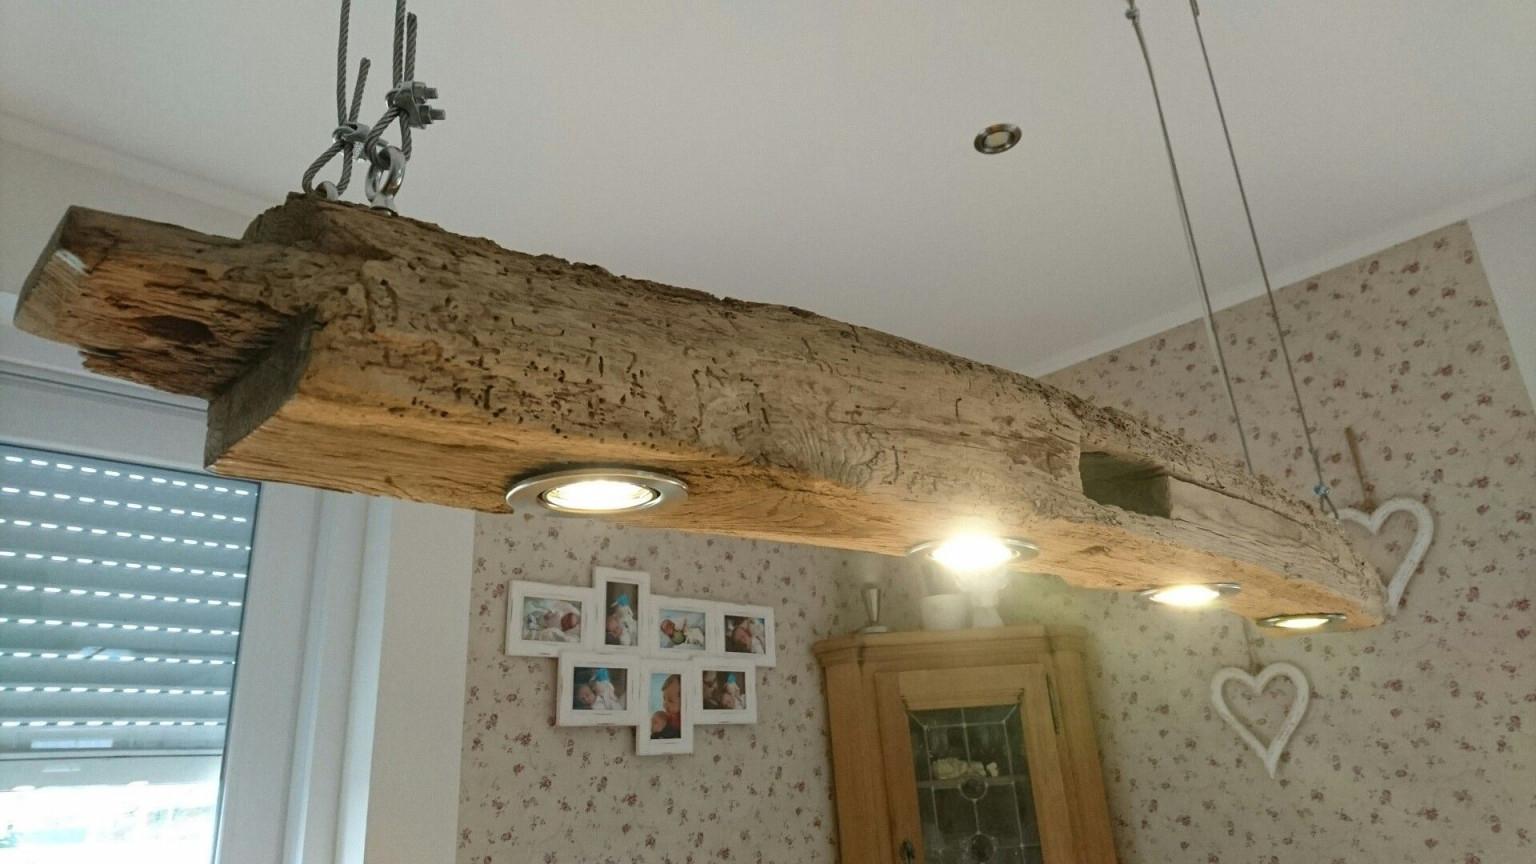 Hängelampe  Holz  Eiche Esstisch  Antik  Balken von Wohnzimmer Lampe Holzbalken Photo